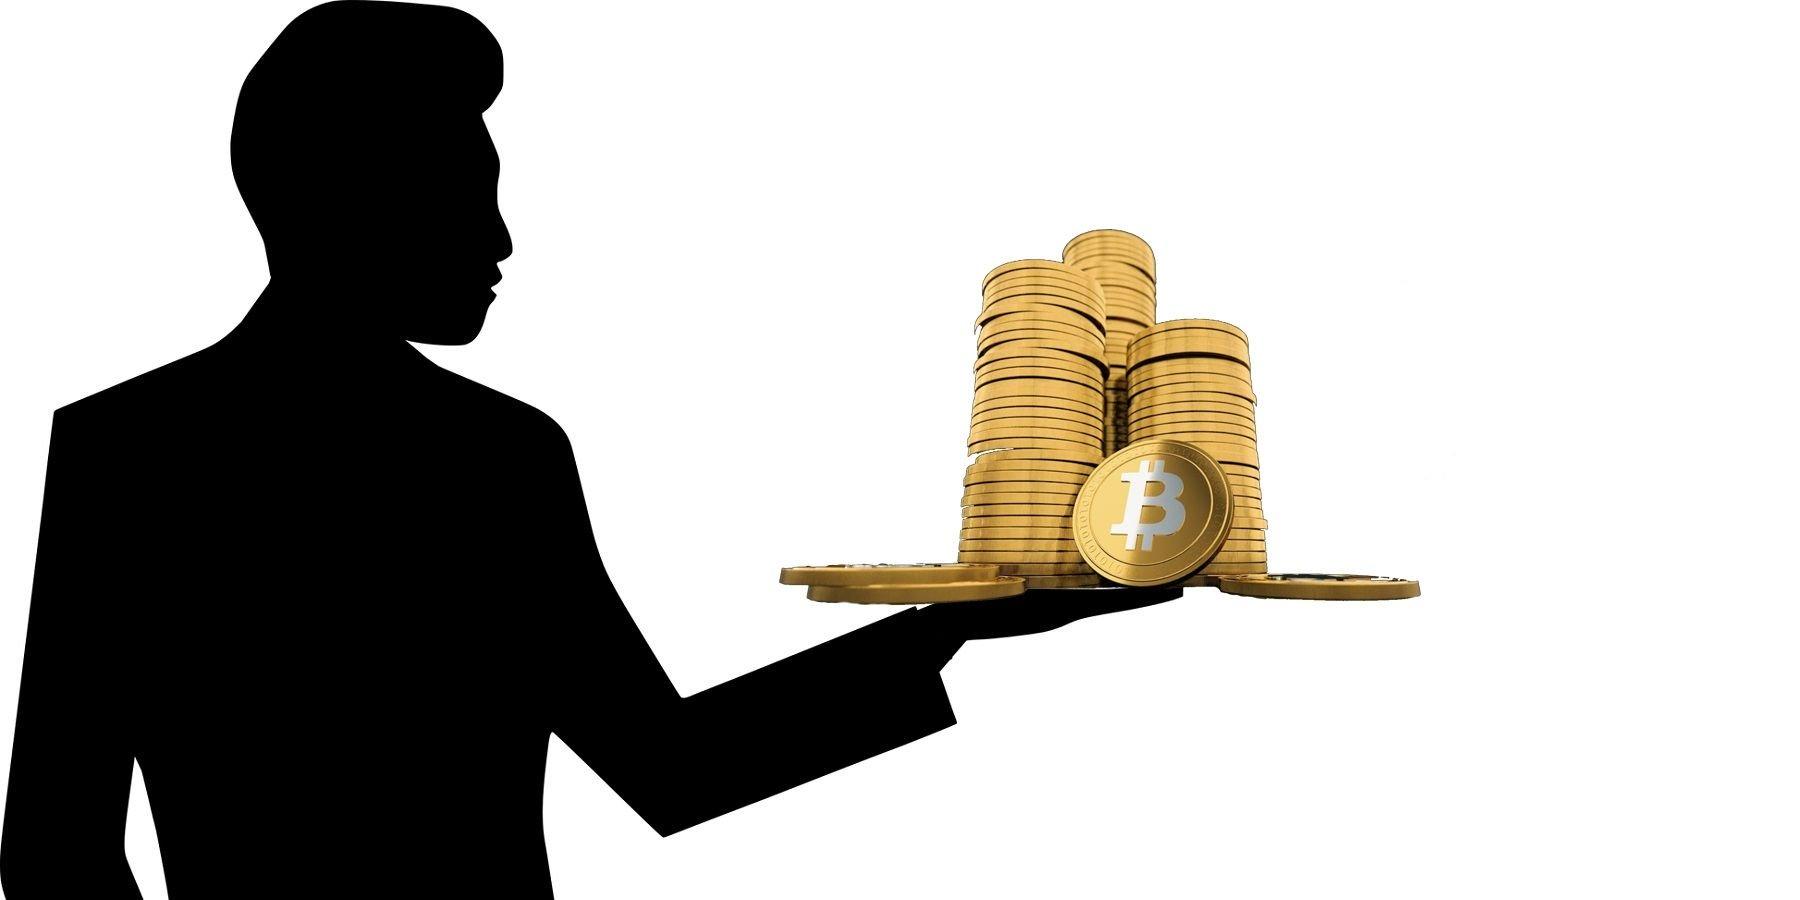 Mengapa Rumor Twitter Pendiri Bitcoin, Satoshi Nakamoto, Dicairkan Menurunkan Nilai Cryptocurrency